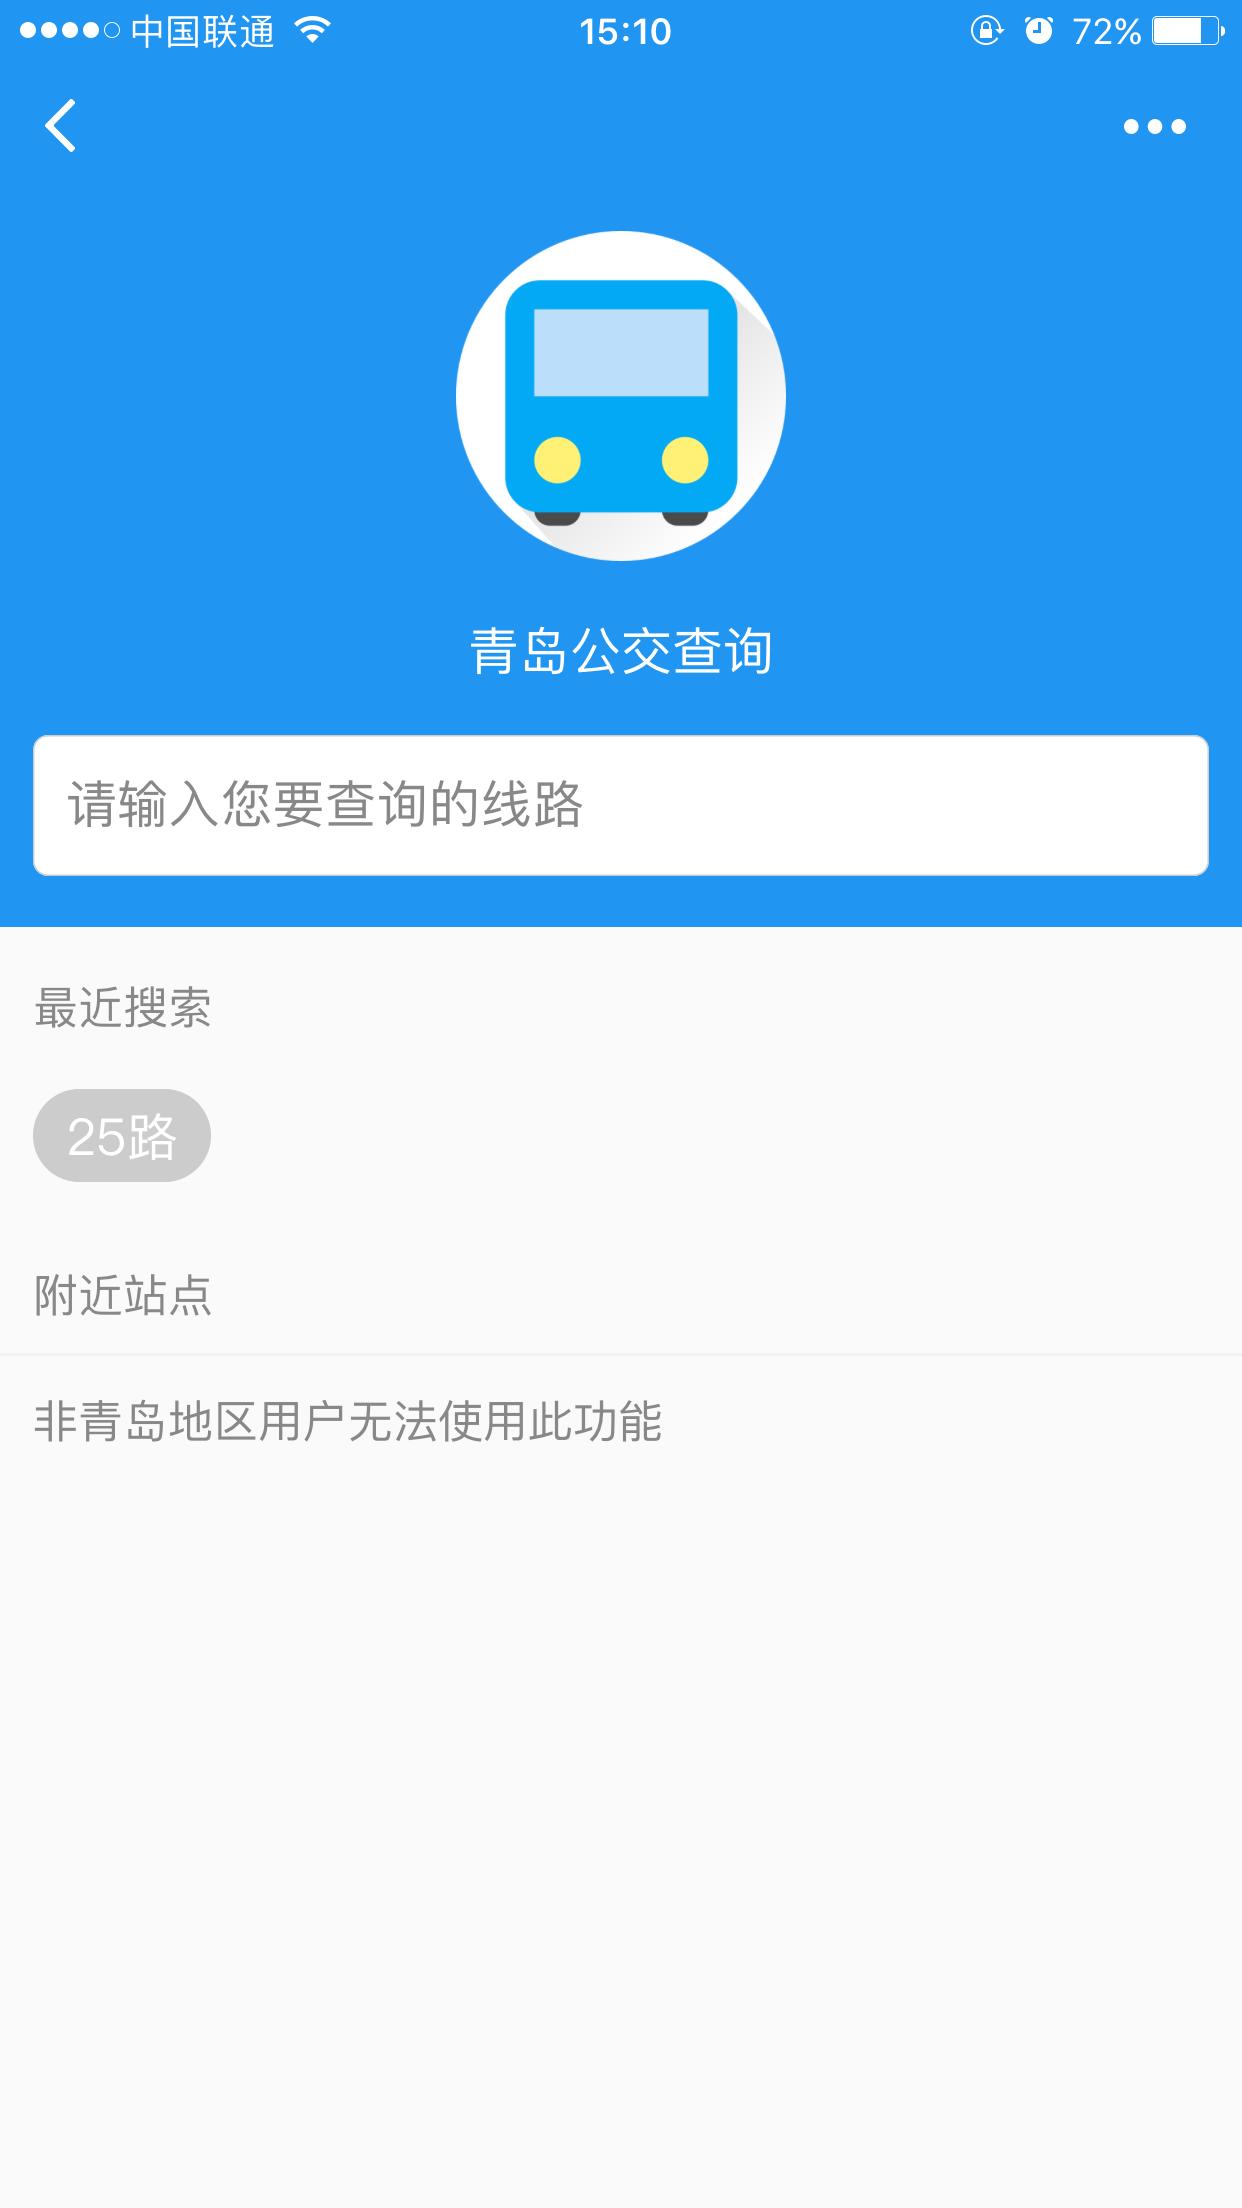 青岛公交查询官方版小程序